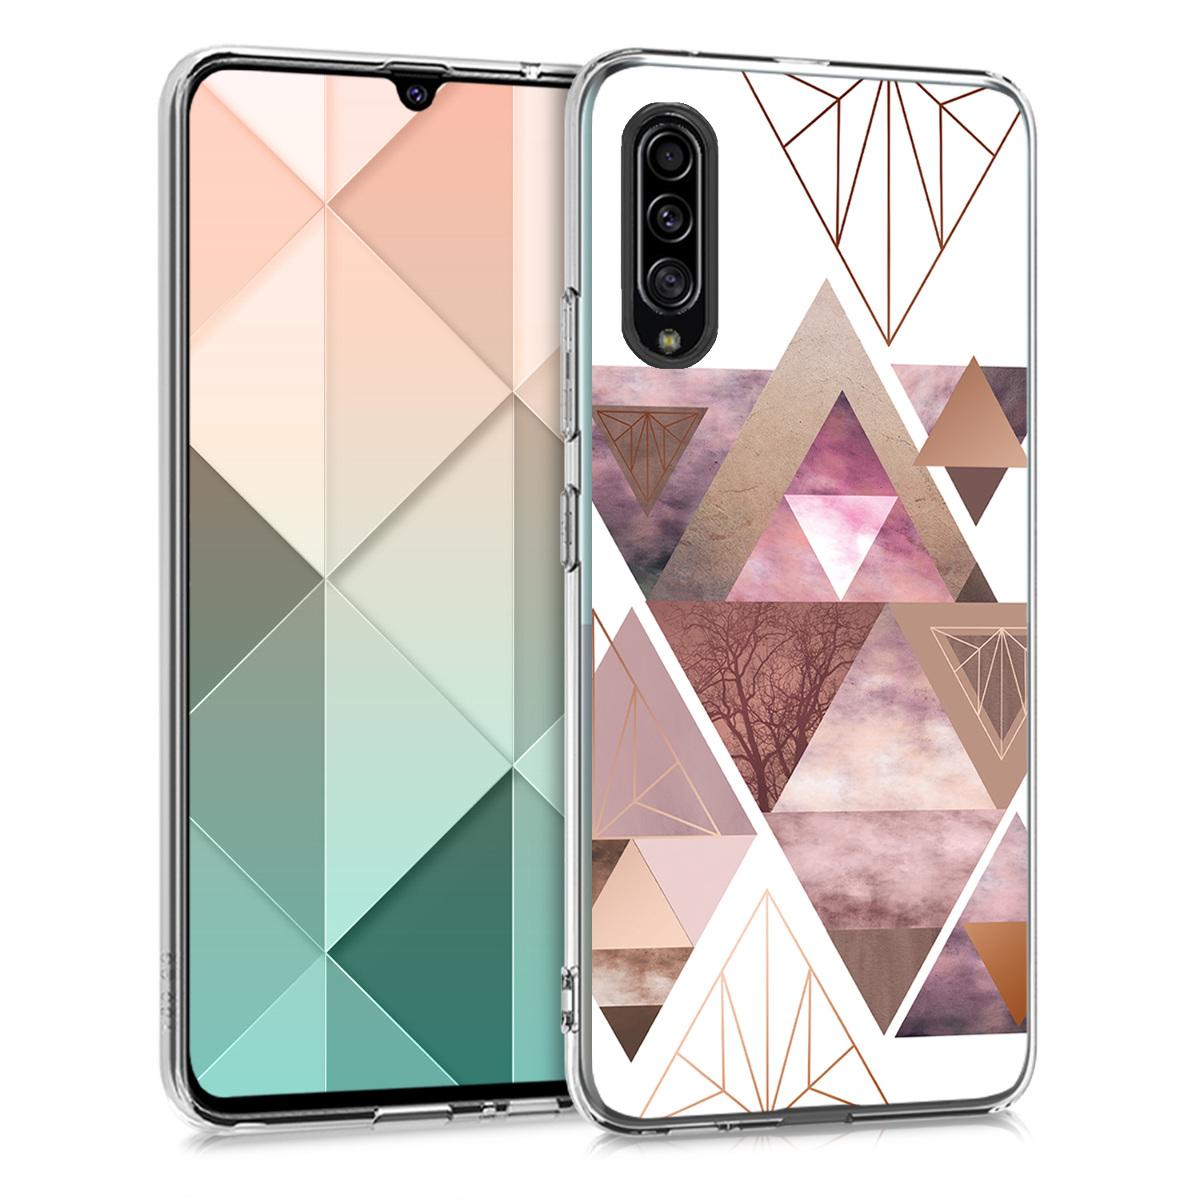 Kvalitní silikonové TPU pouzdro pro Samsung A90 (5G) - Patchwork trojúhelníky světle růžové / starorůžové rosegold / bílé